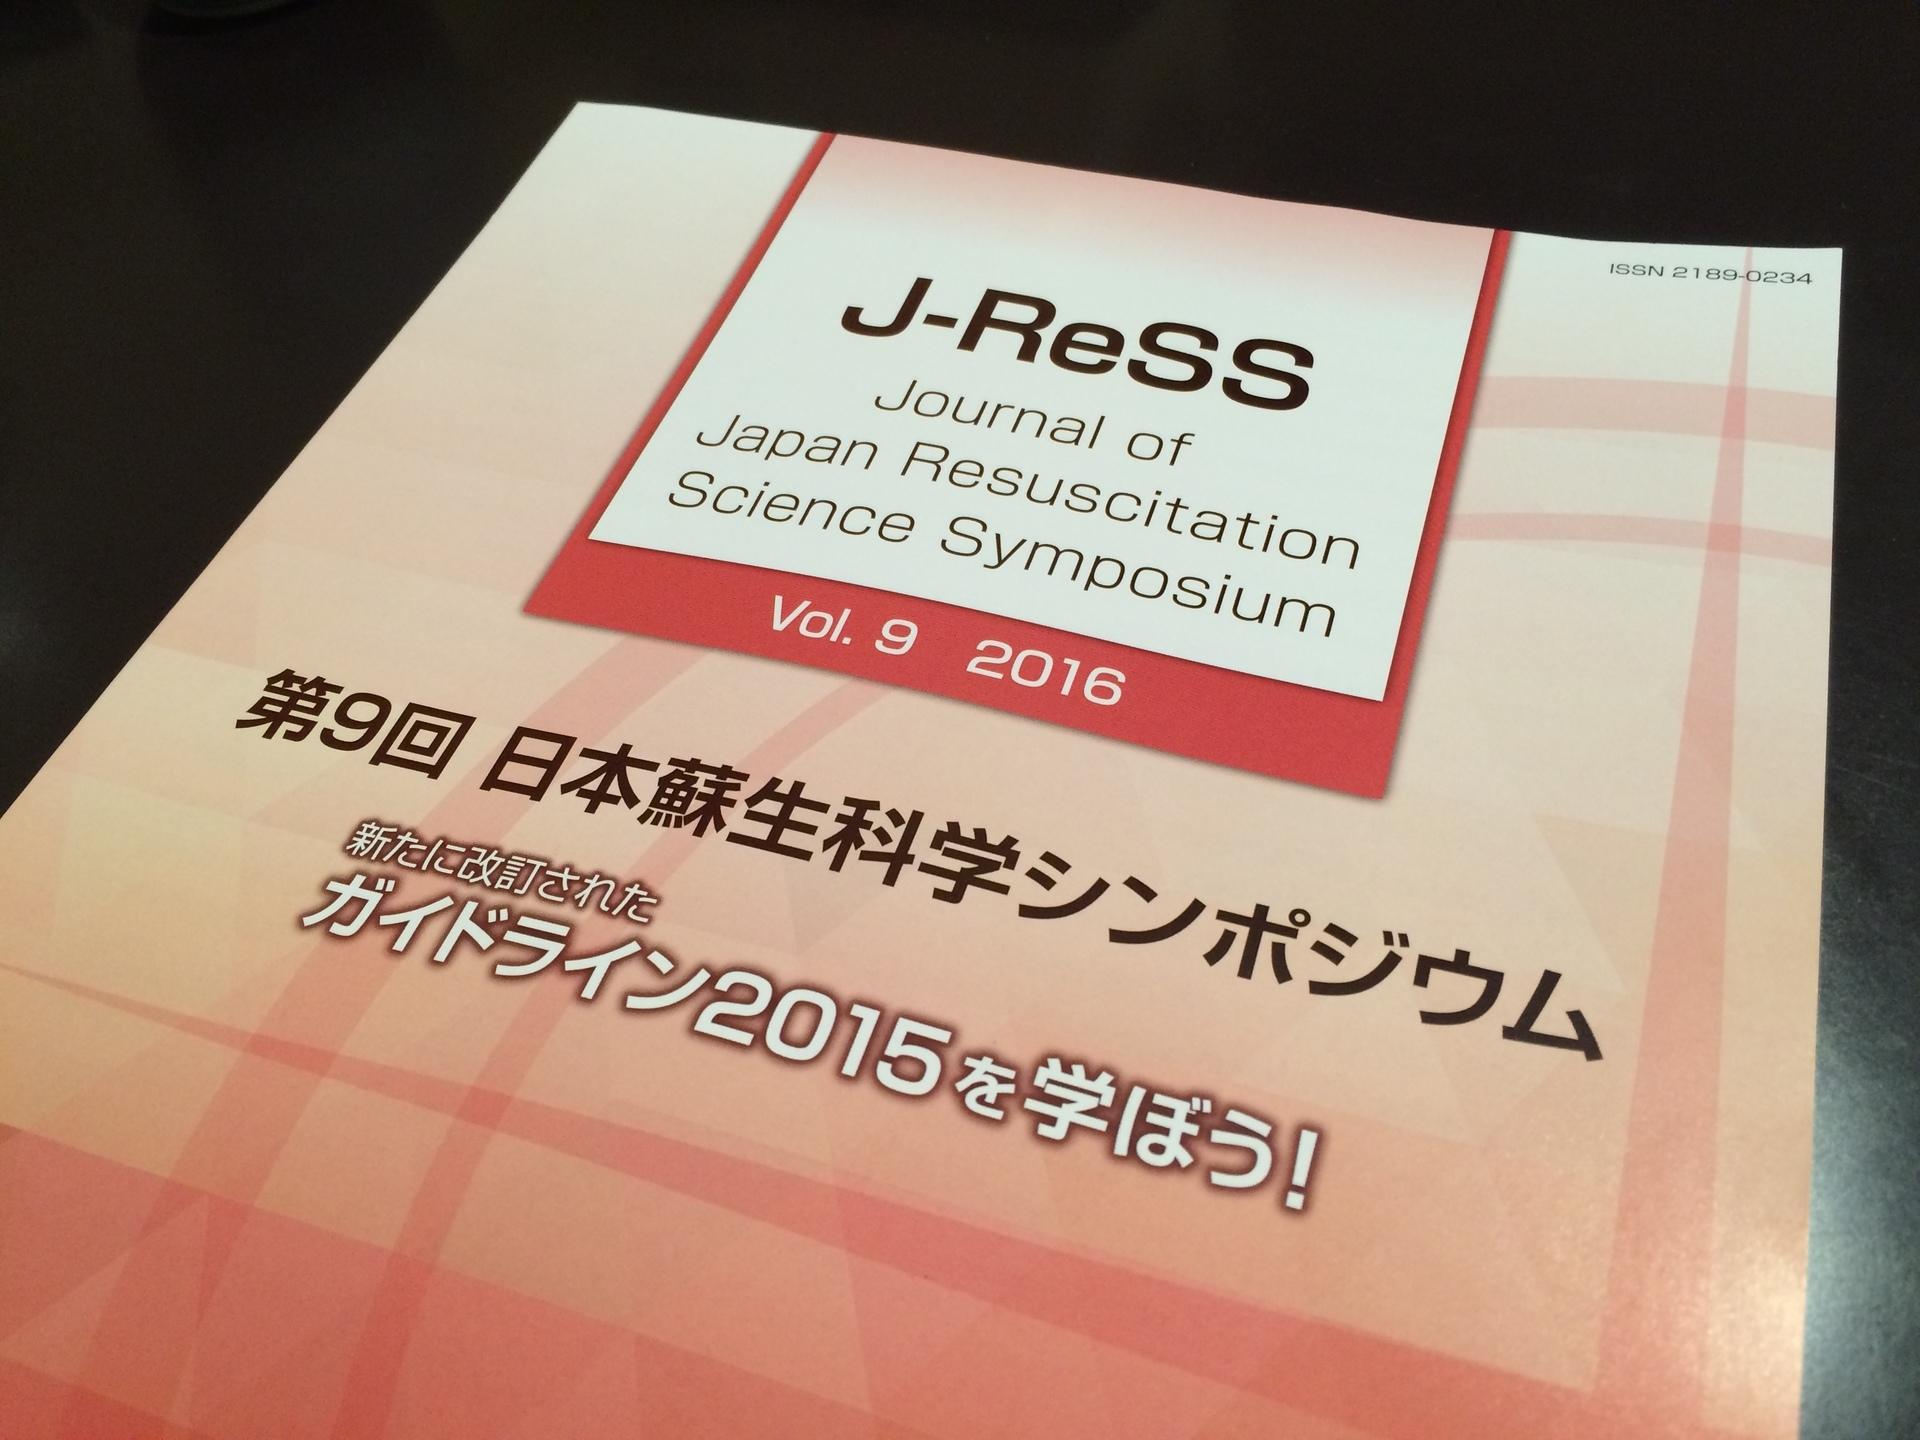 J-ReSS 日本蘇生科学シンポジウム in 博多